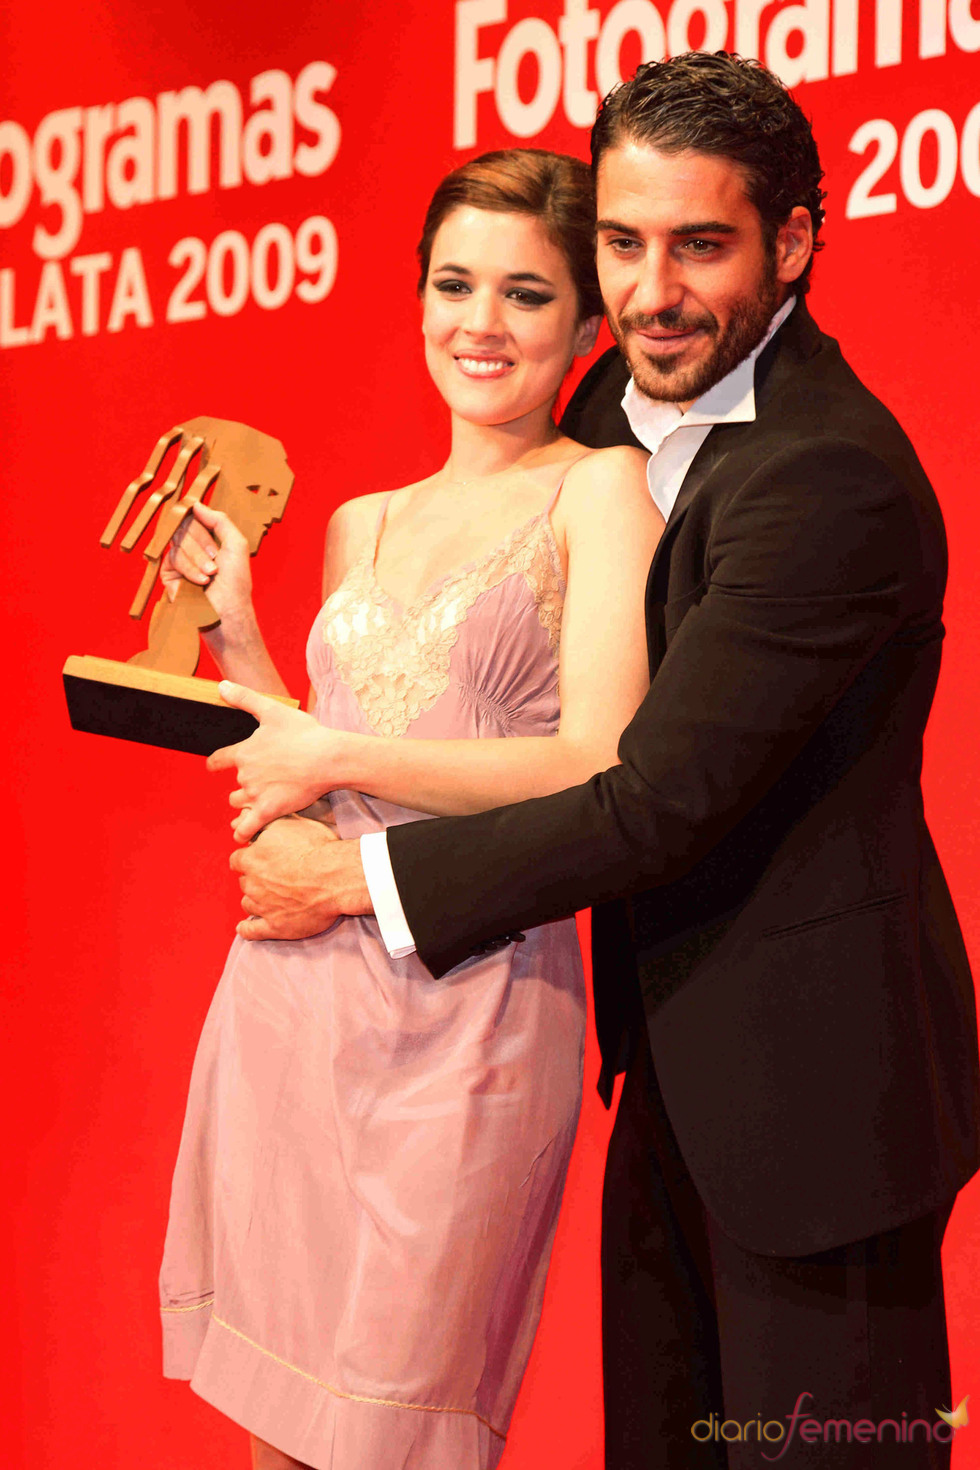 Miguel Ángel Silvestre y Adriana Ugarte en los Fotogrmas de Plata 2009